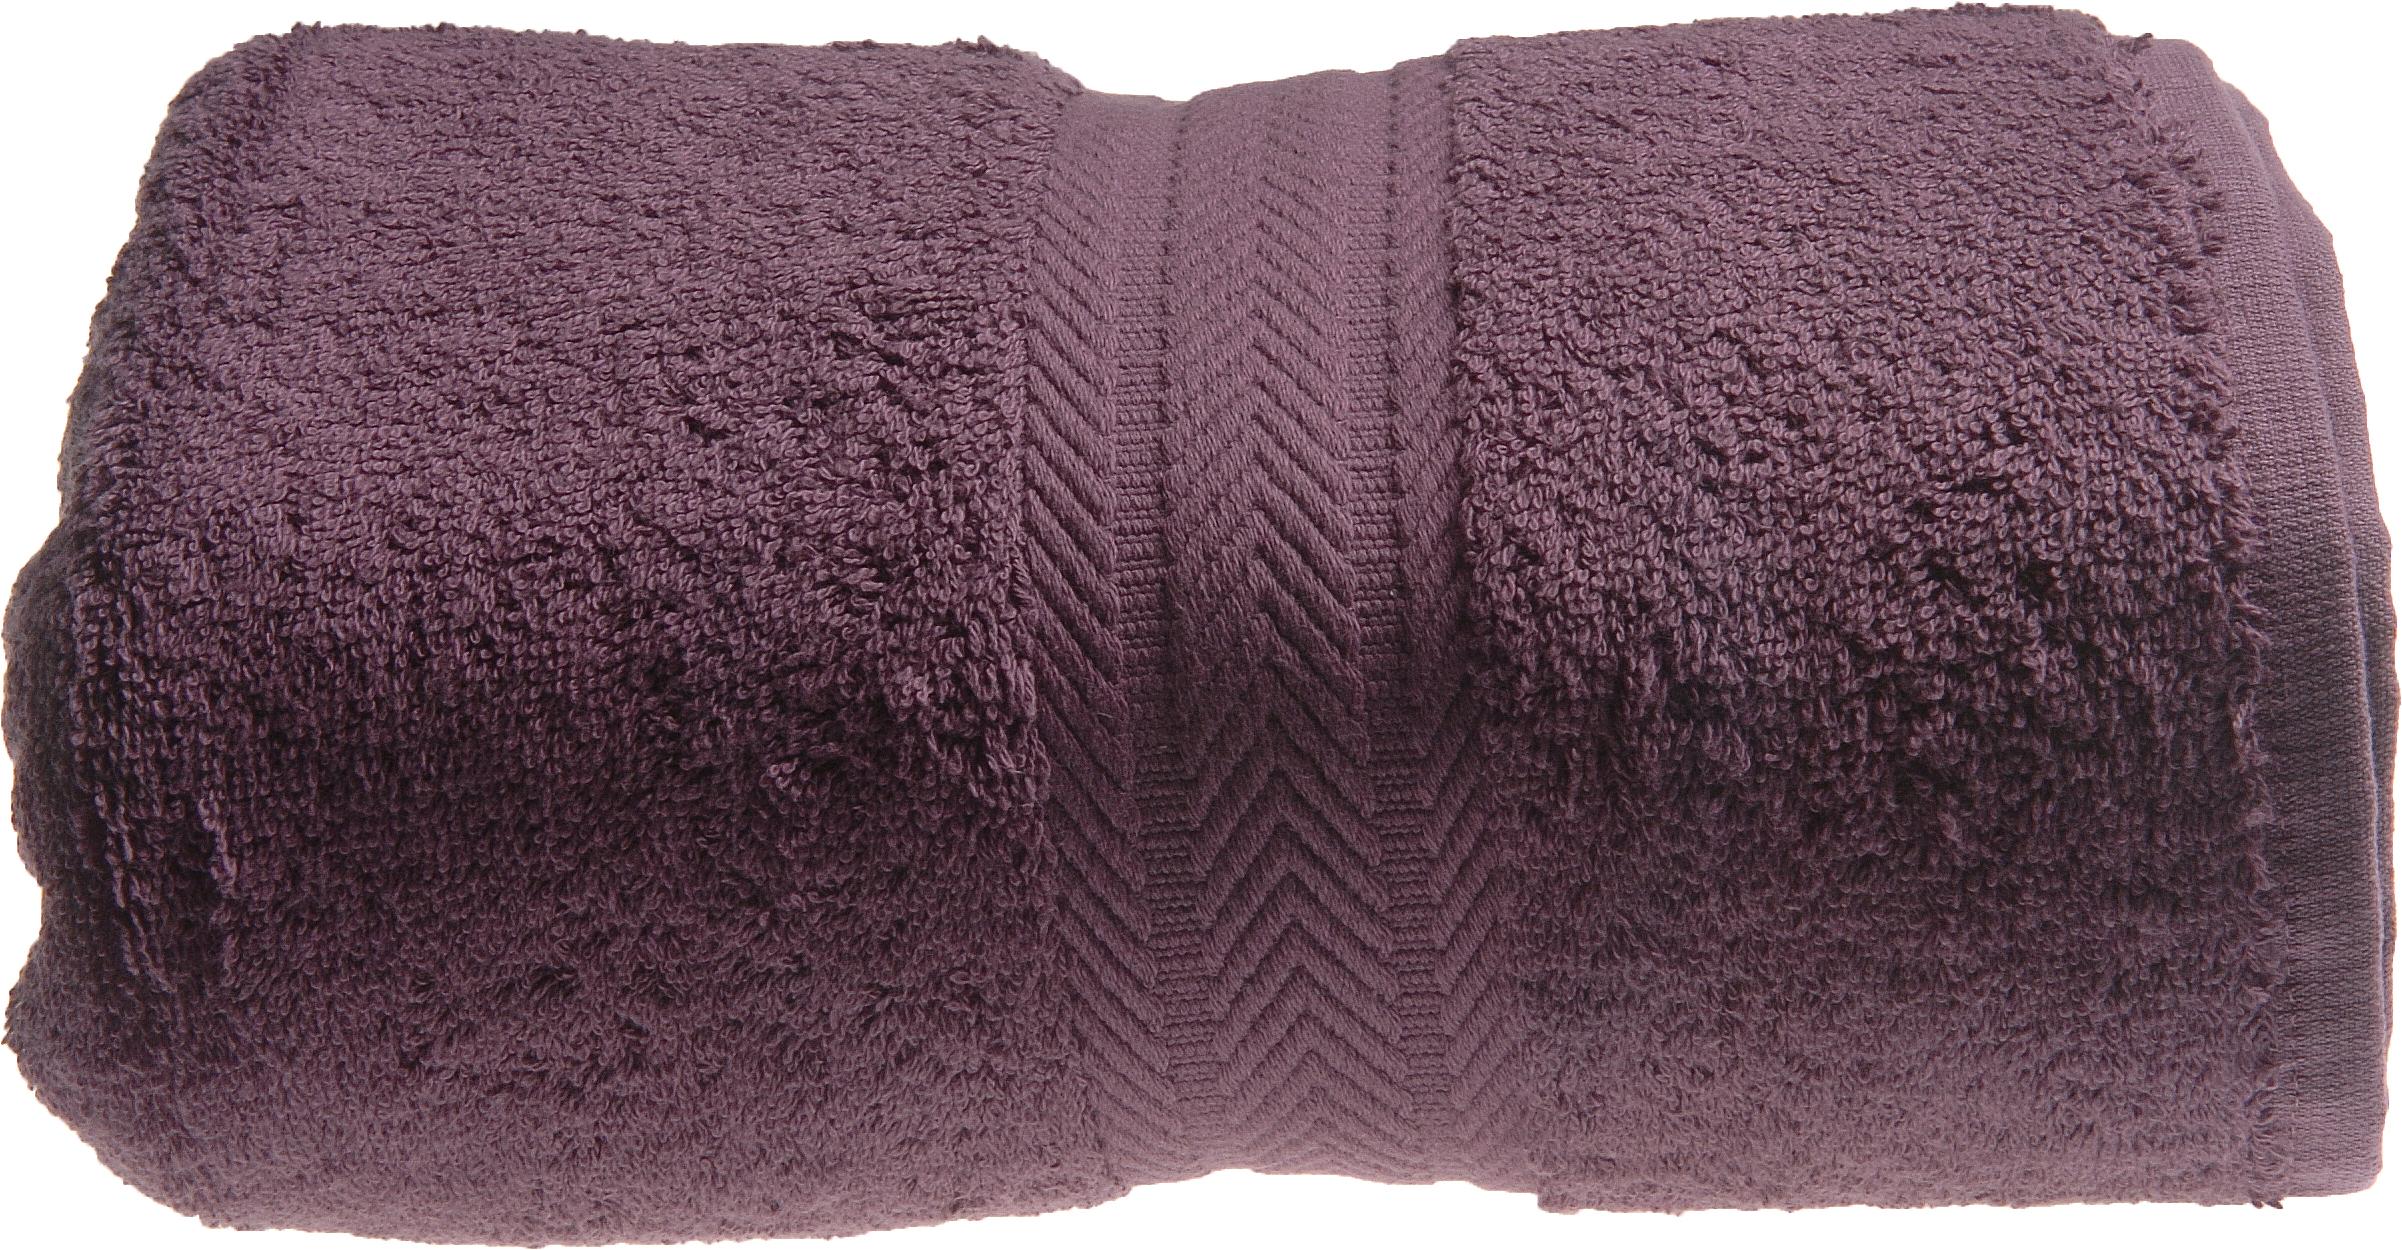 Serviette de toilette 50 x 100 cm en Coton couleur Myrtille (Myrtille)